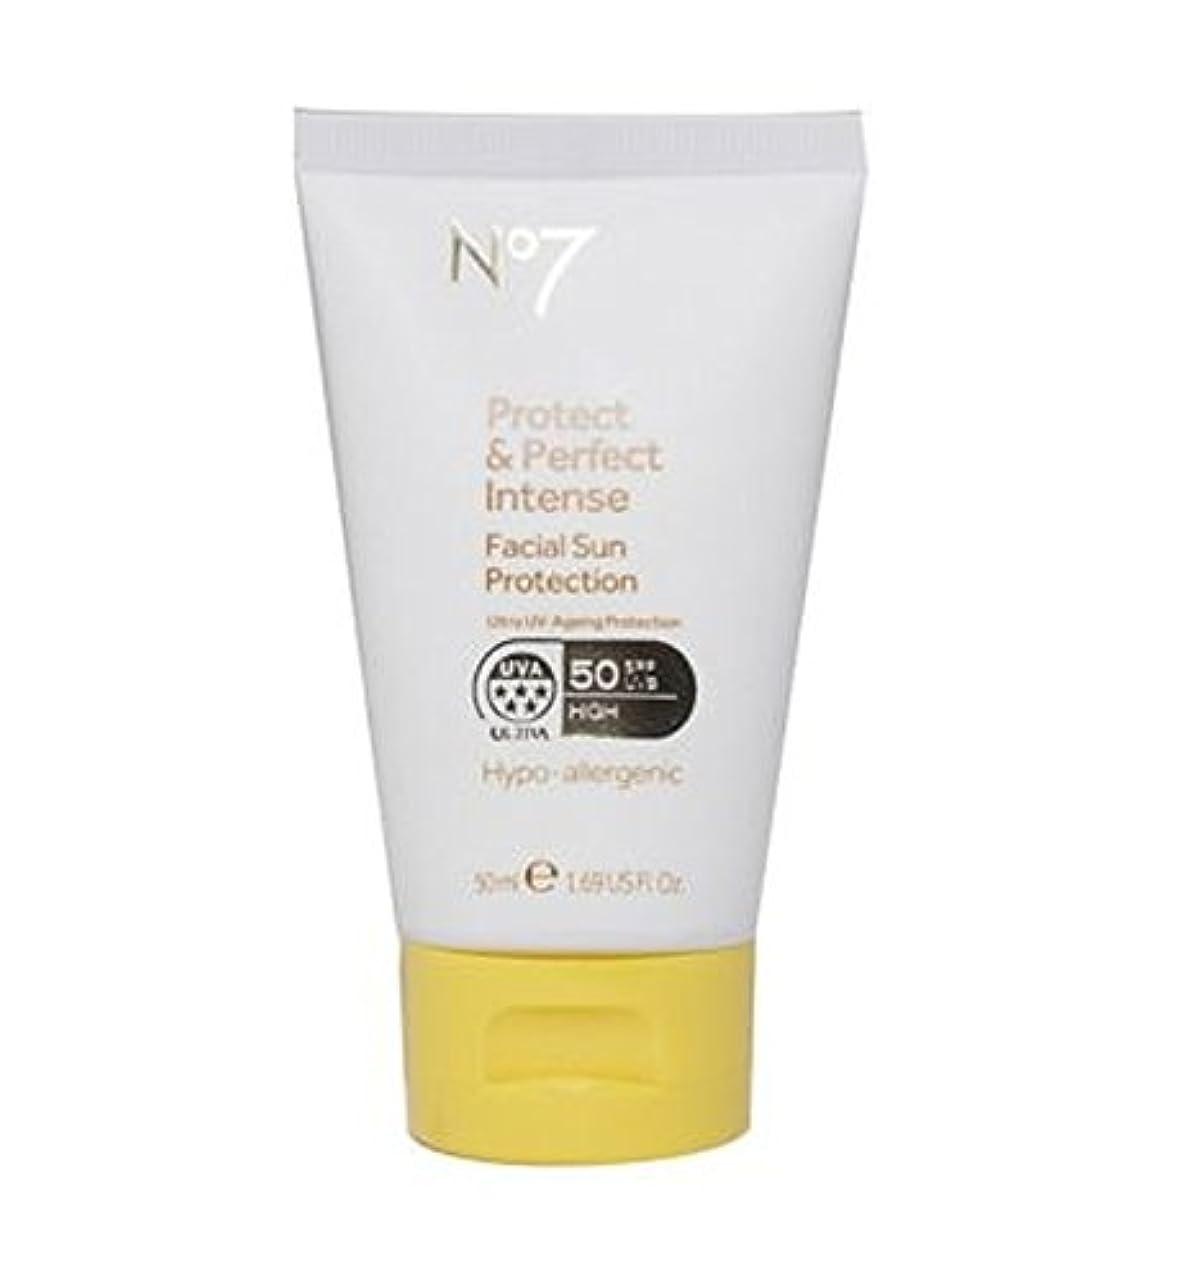 勤勉まさにバクテリアNo7保護&完璧な強烈な顔の日焼け防止Spf 50 50ミリリットル (No7) (x2) - No7 Protect & Perfect Intense Facial Sun Protection SPF 50 50ml...